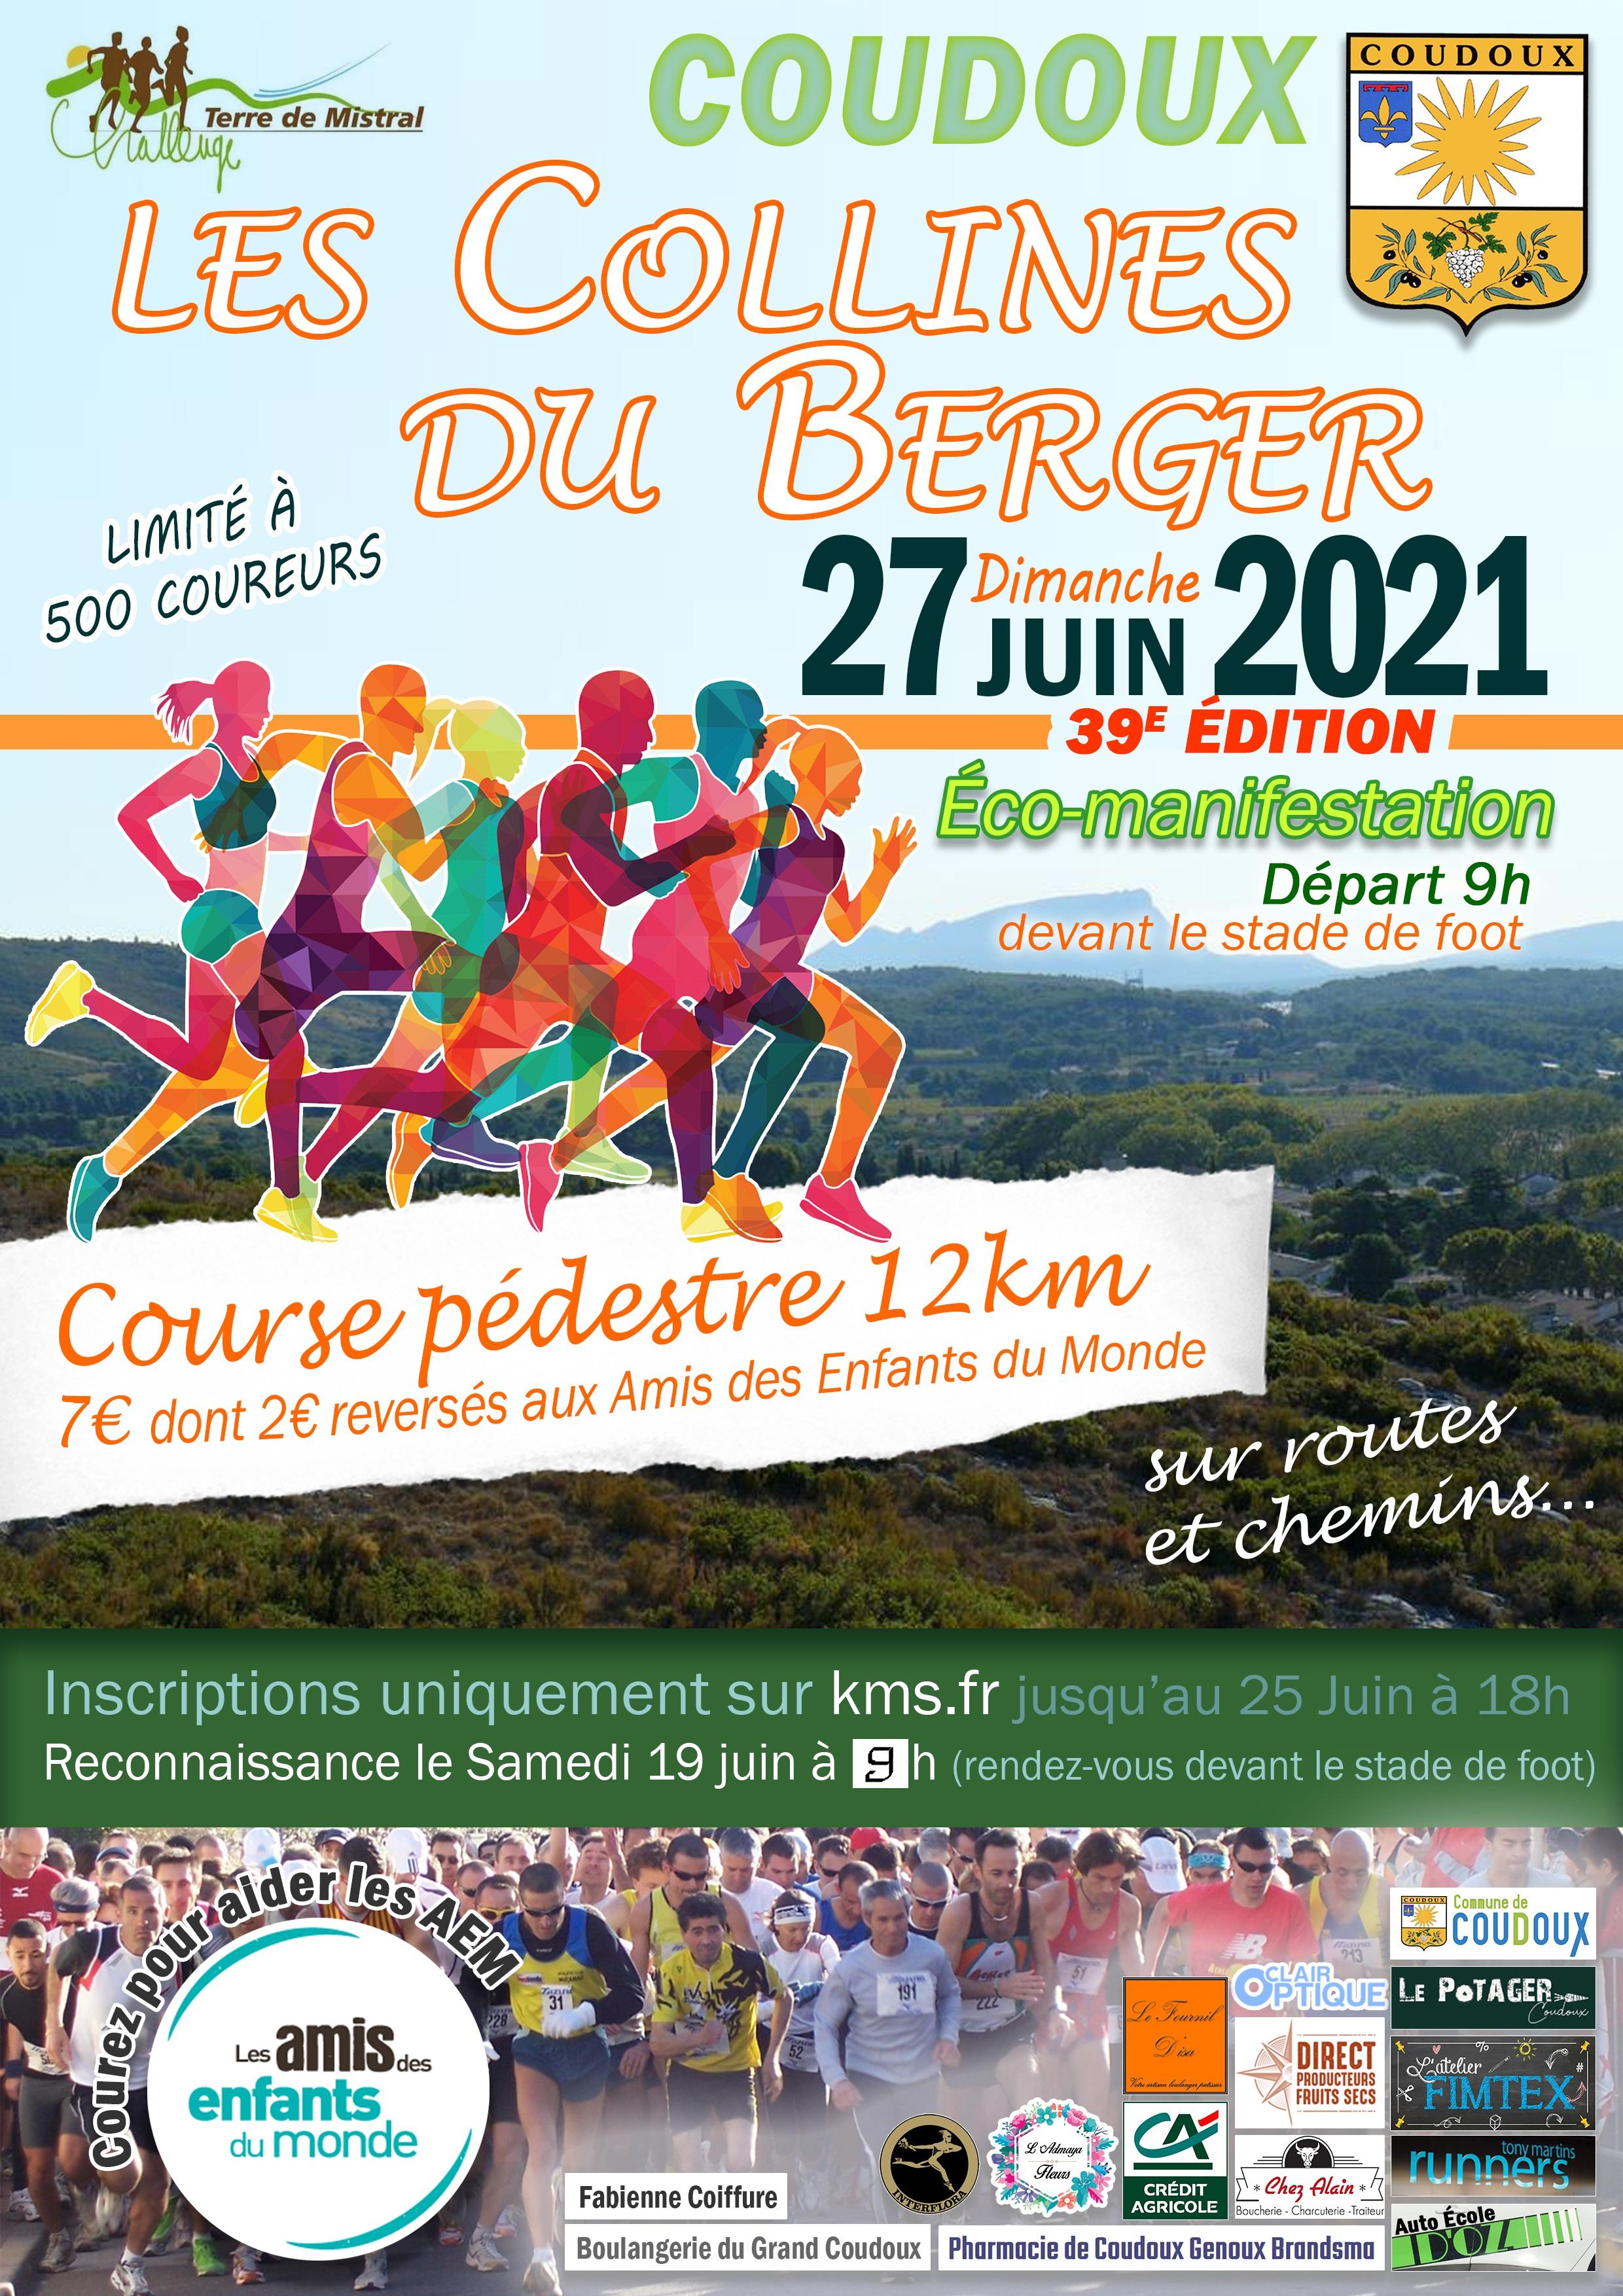 Les Collines du Berger 2021 - 39eme Edition